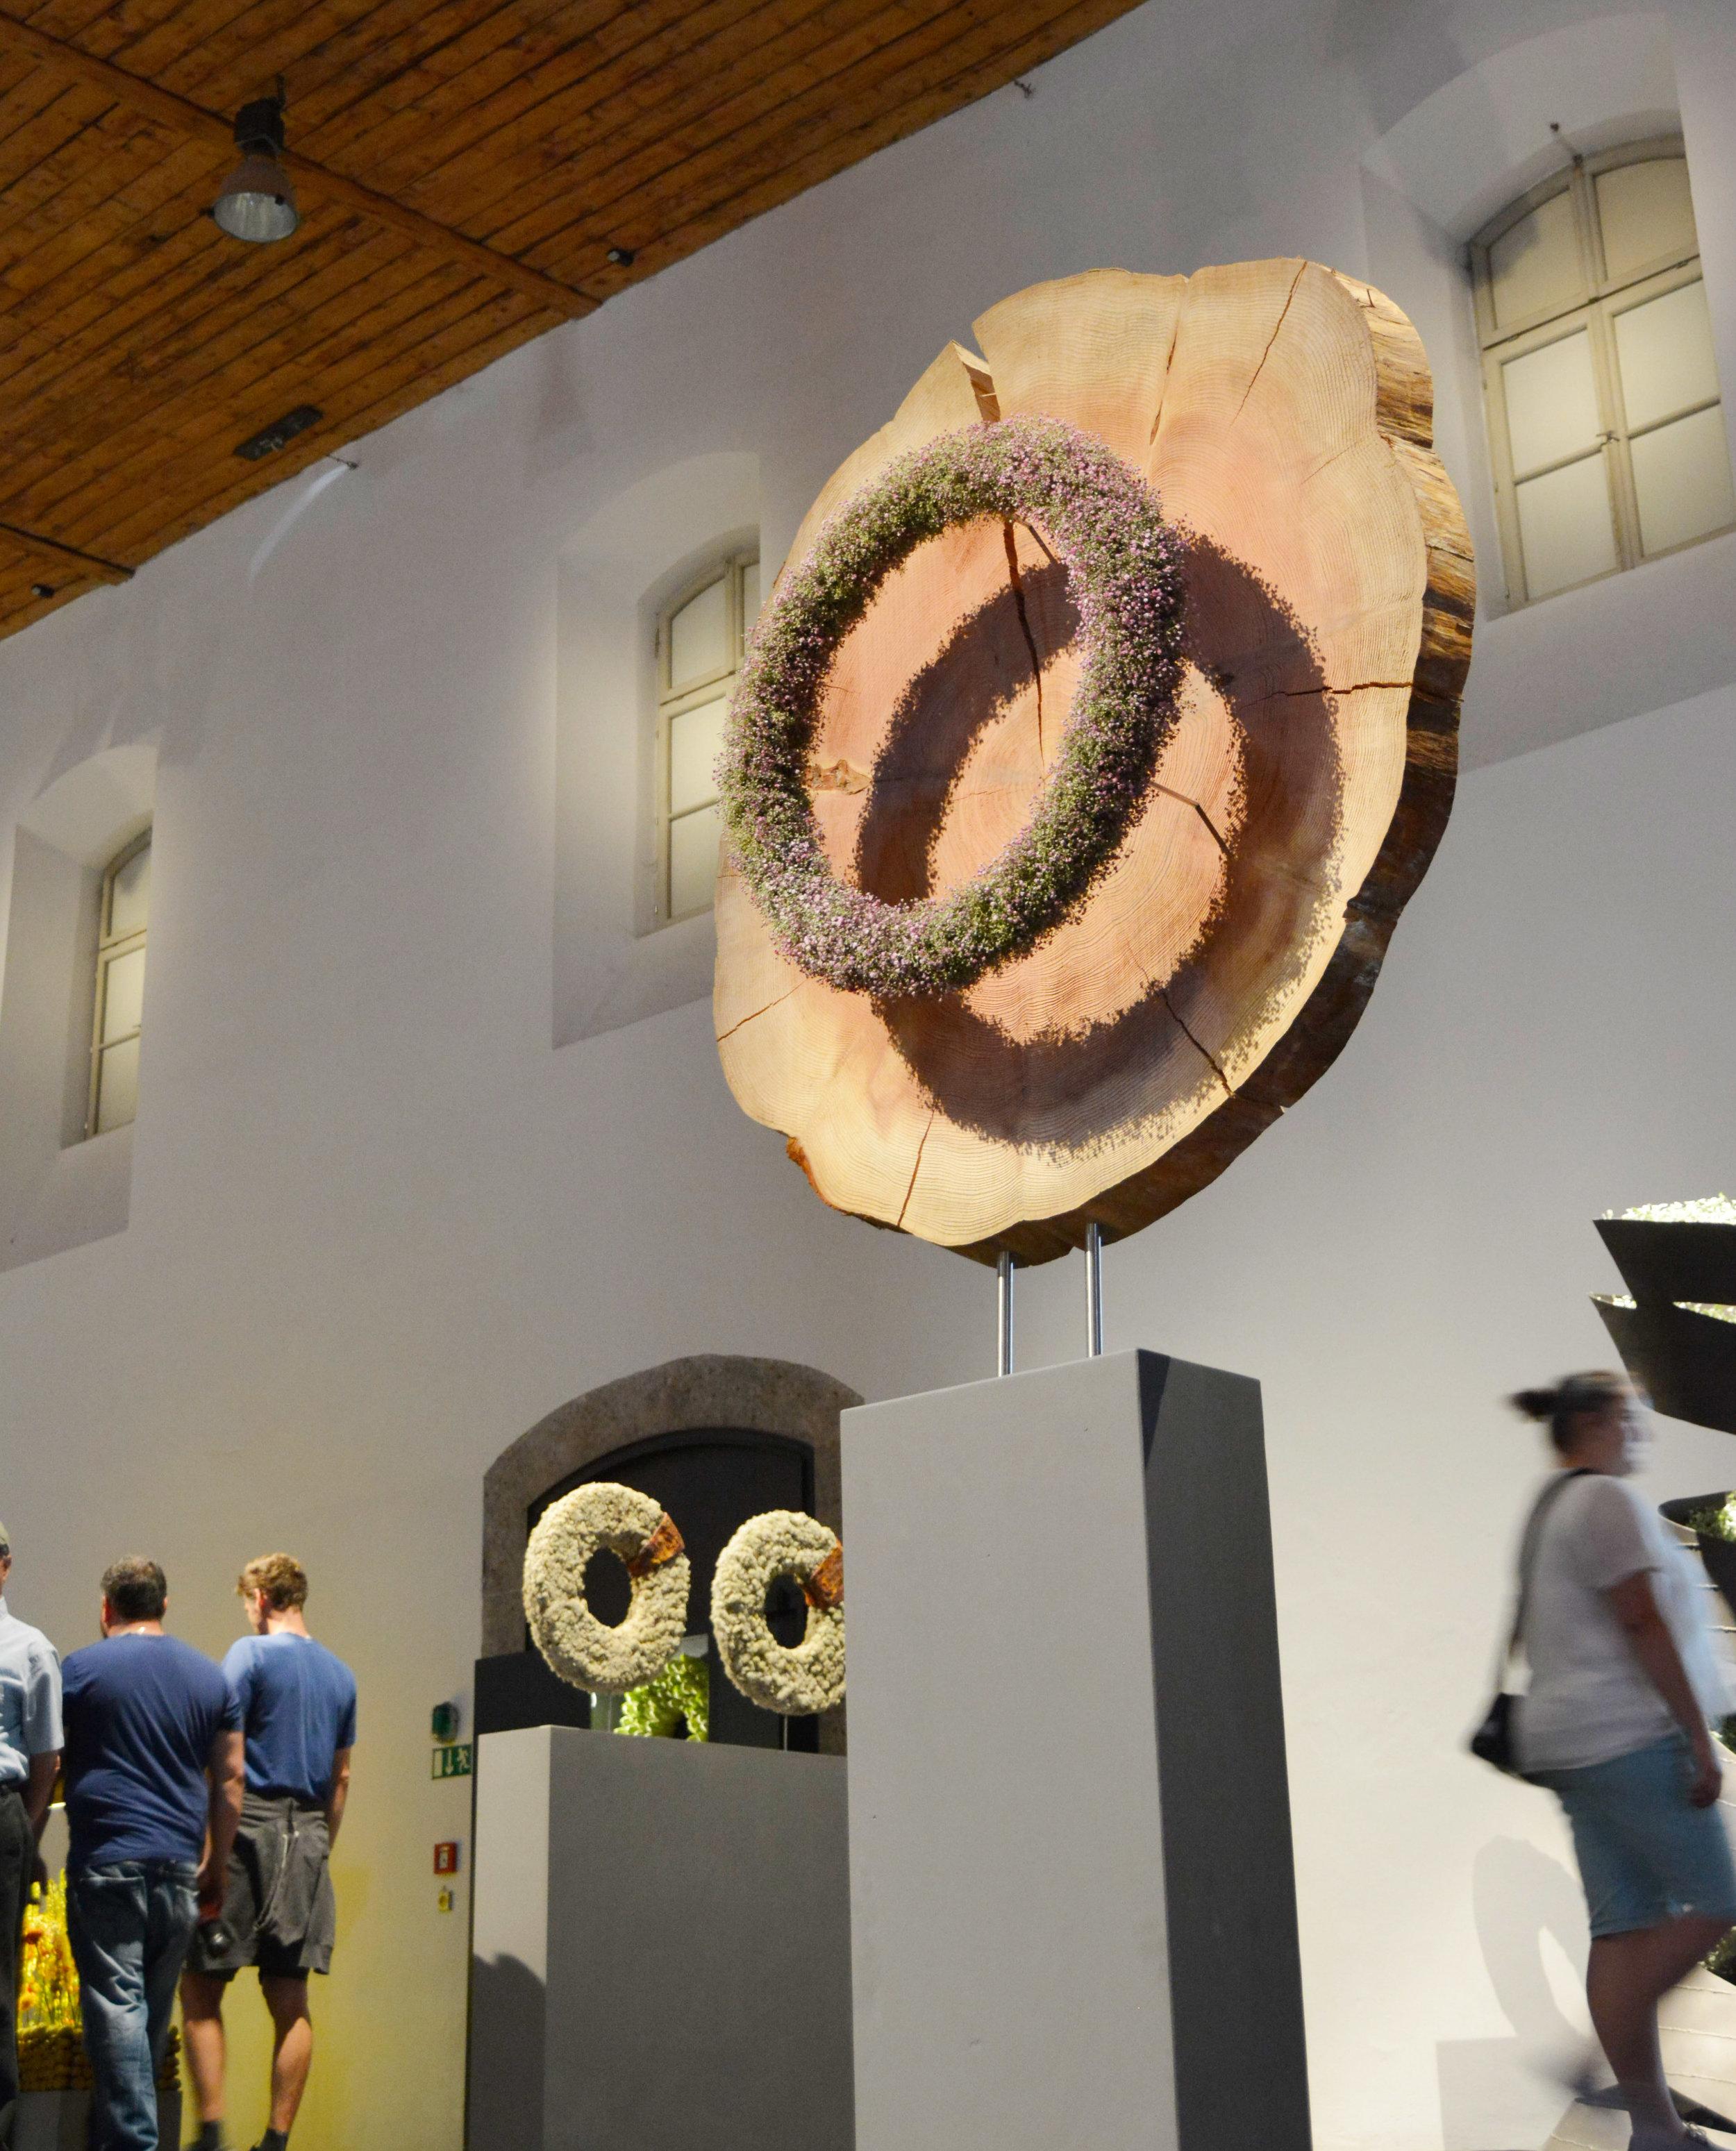 Franziska Krebser Wil/CH thematisierte mit einer imposanten Holzscheibe und deren Jahrringen das Thema des Wachsens, des Lebens und durch die Baumscheibe indirekt das Thema der Vergänglichkeit. Durch die objekthafte Darstellung entzog sich diese Arbeit den klassischen Betrachtungsweisen.